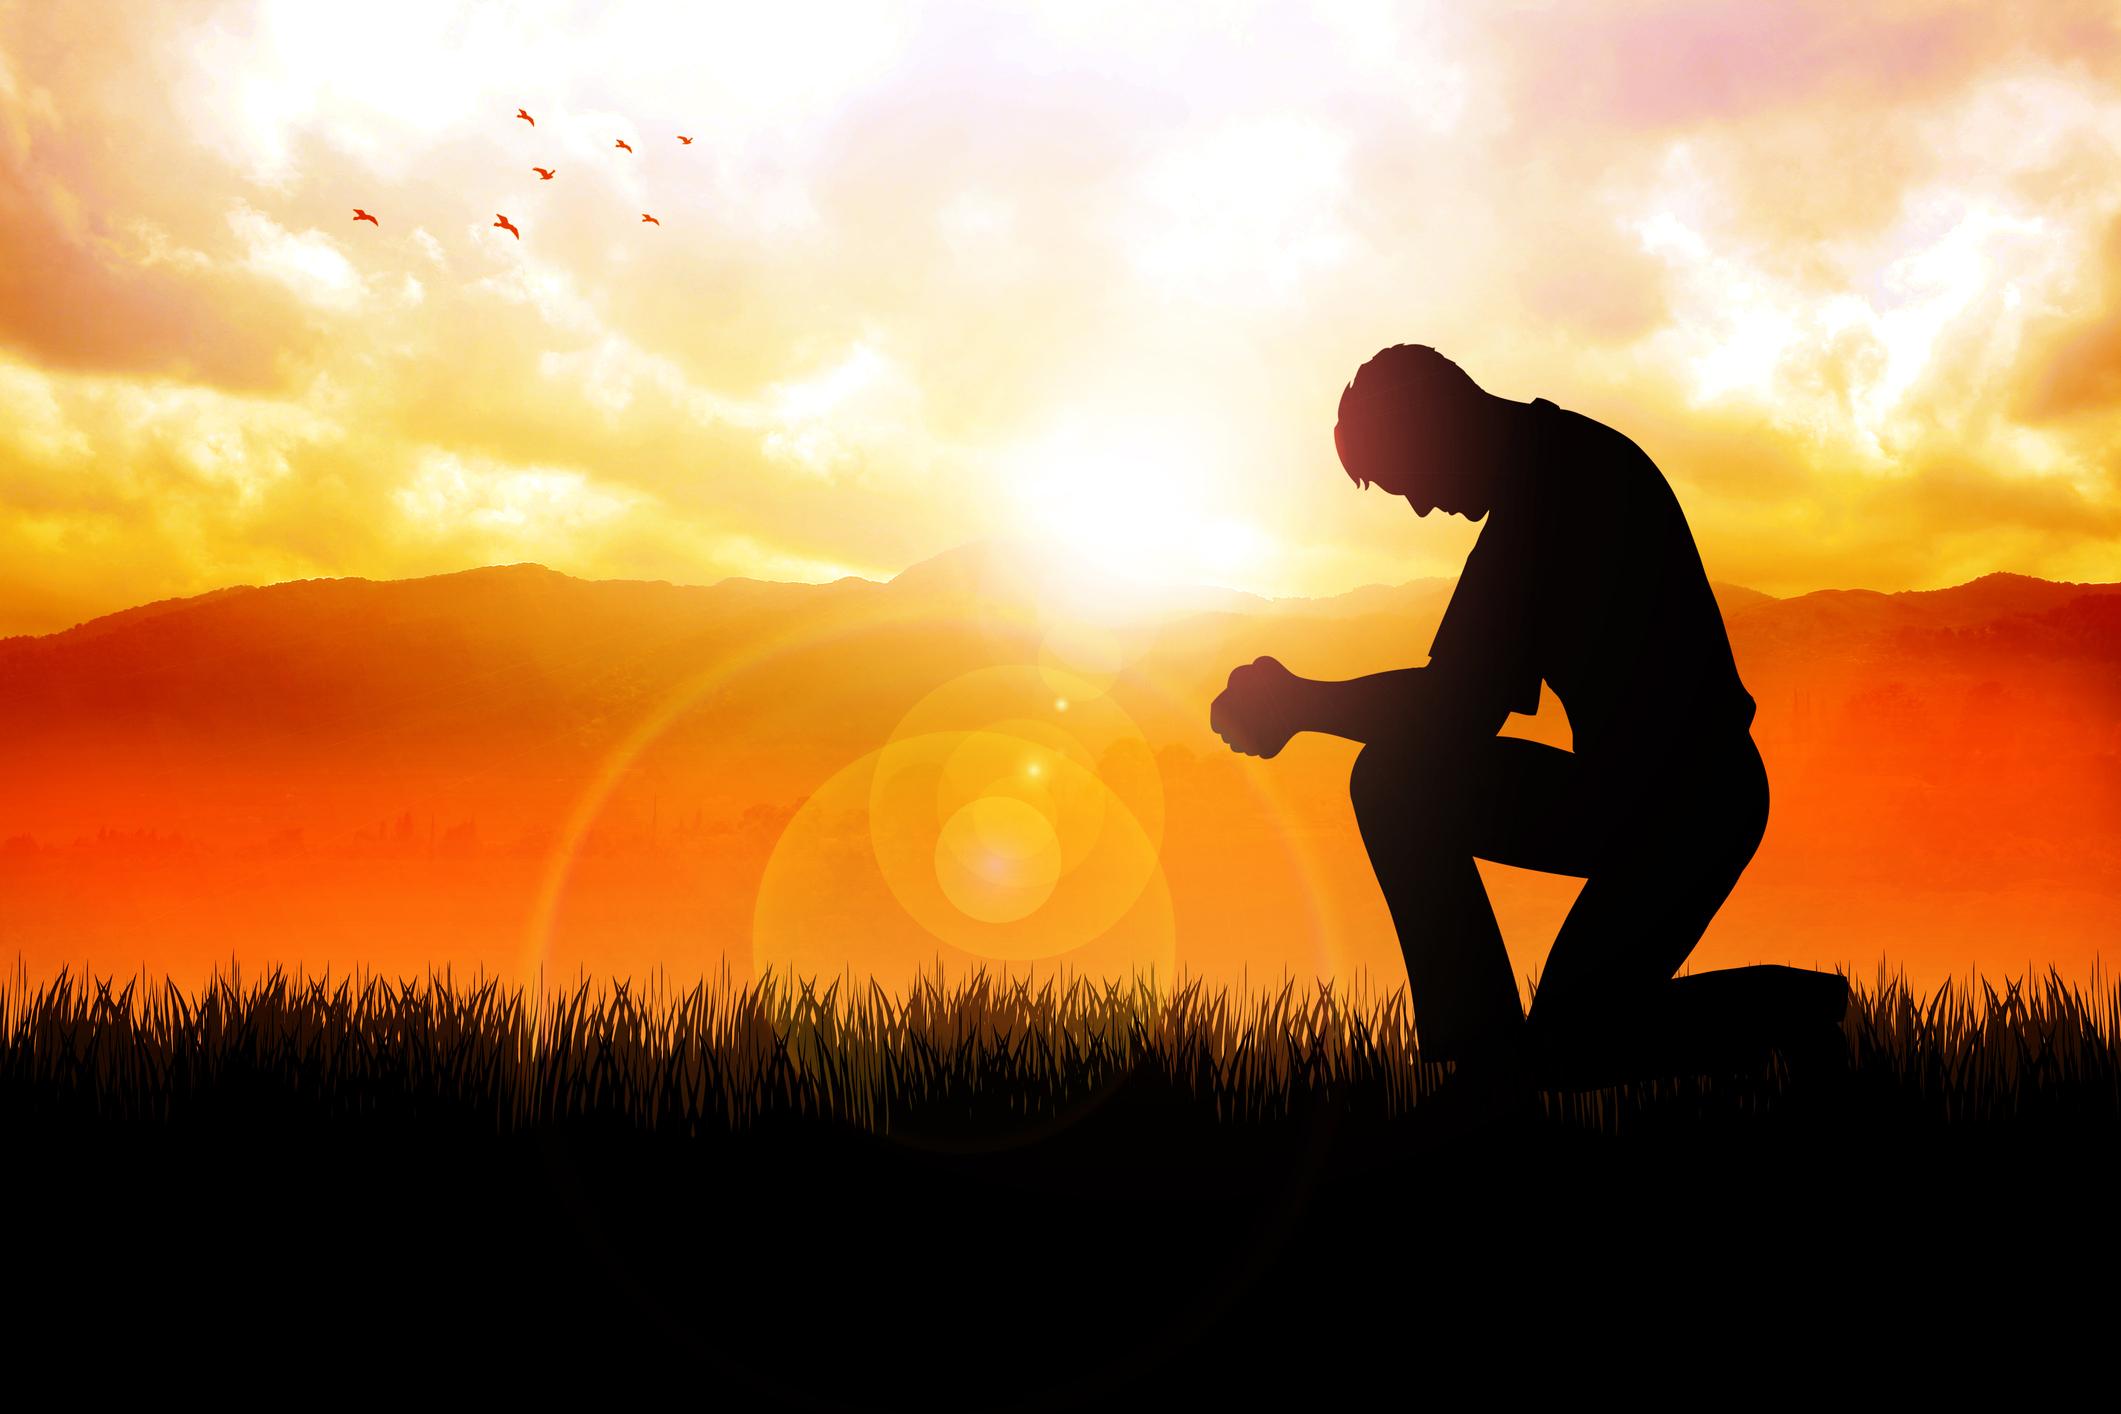 Para quem Deus reserva a Sua intimidade?3 min read